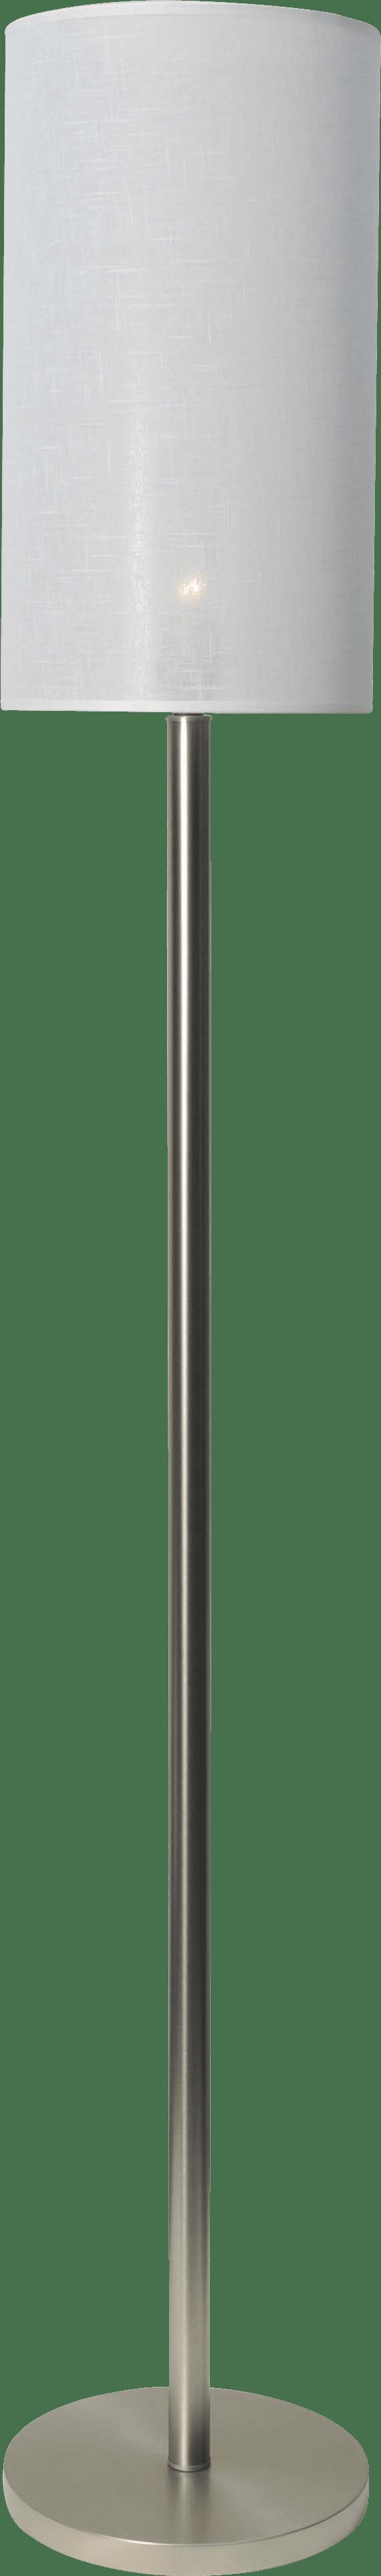 Tondo VL TONDO NIKKEL H.175CM BUIS M30 125CM